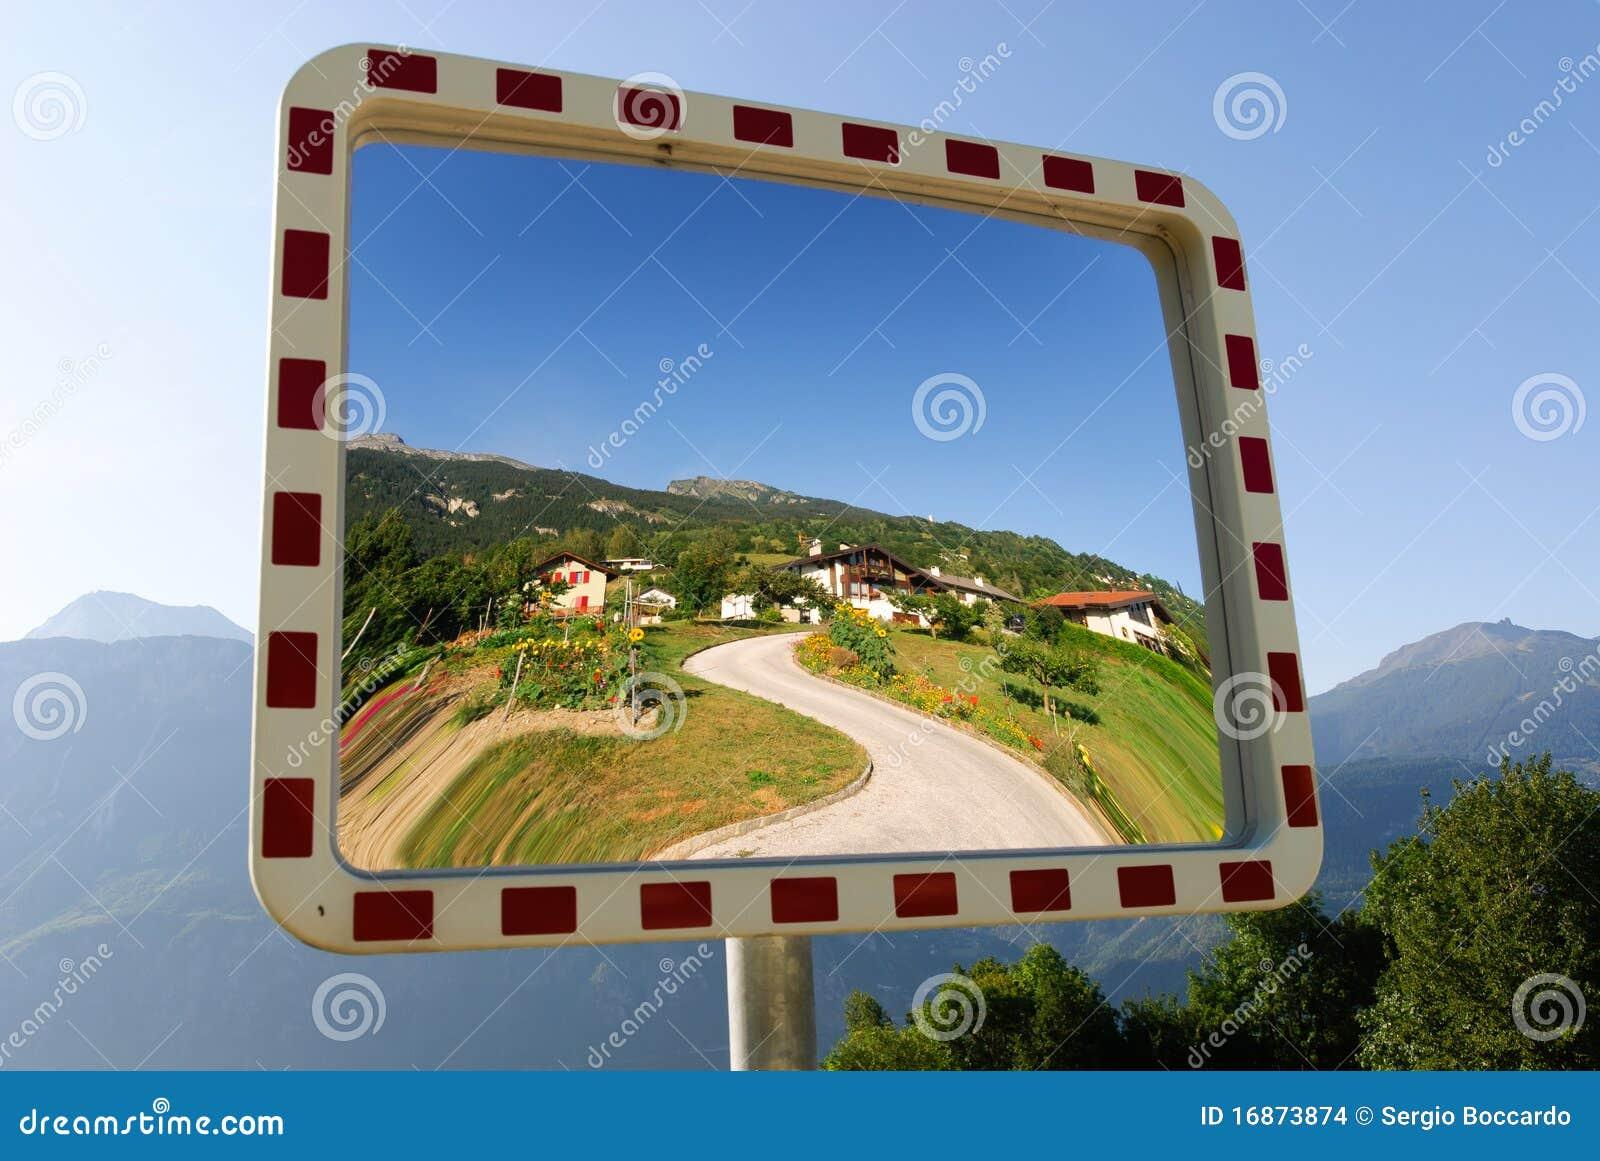 Espelho do jardim em Crans Montana